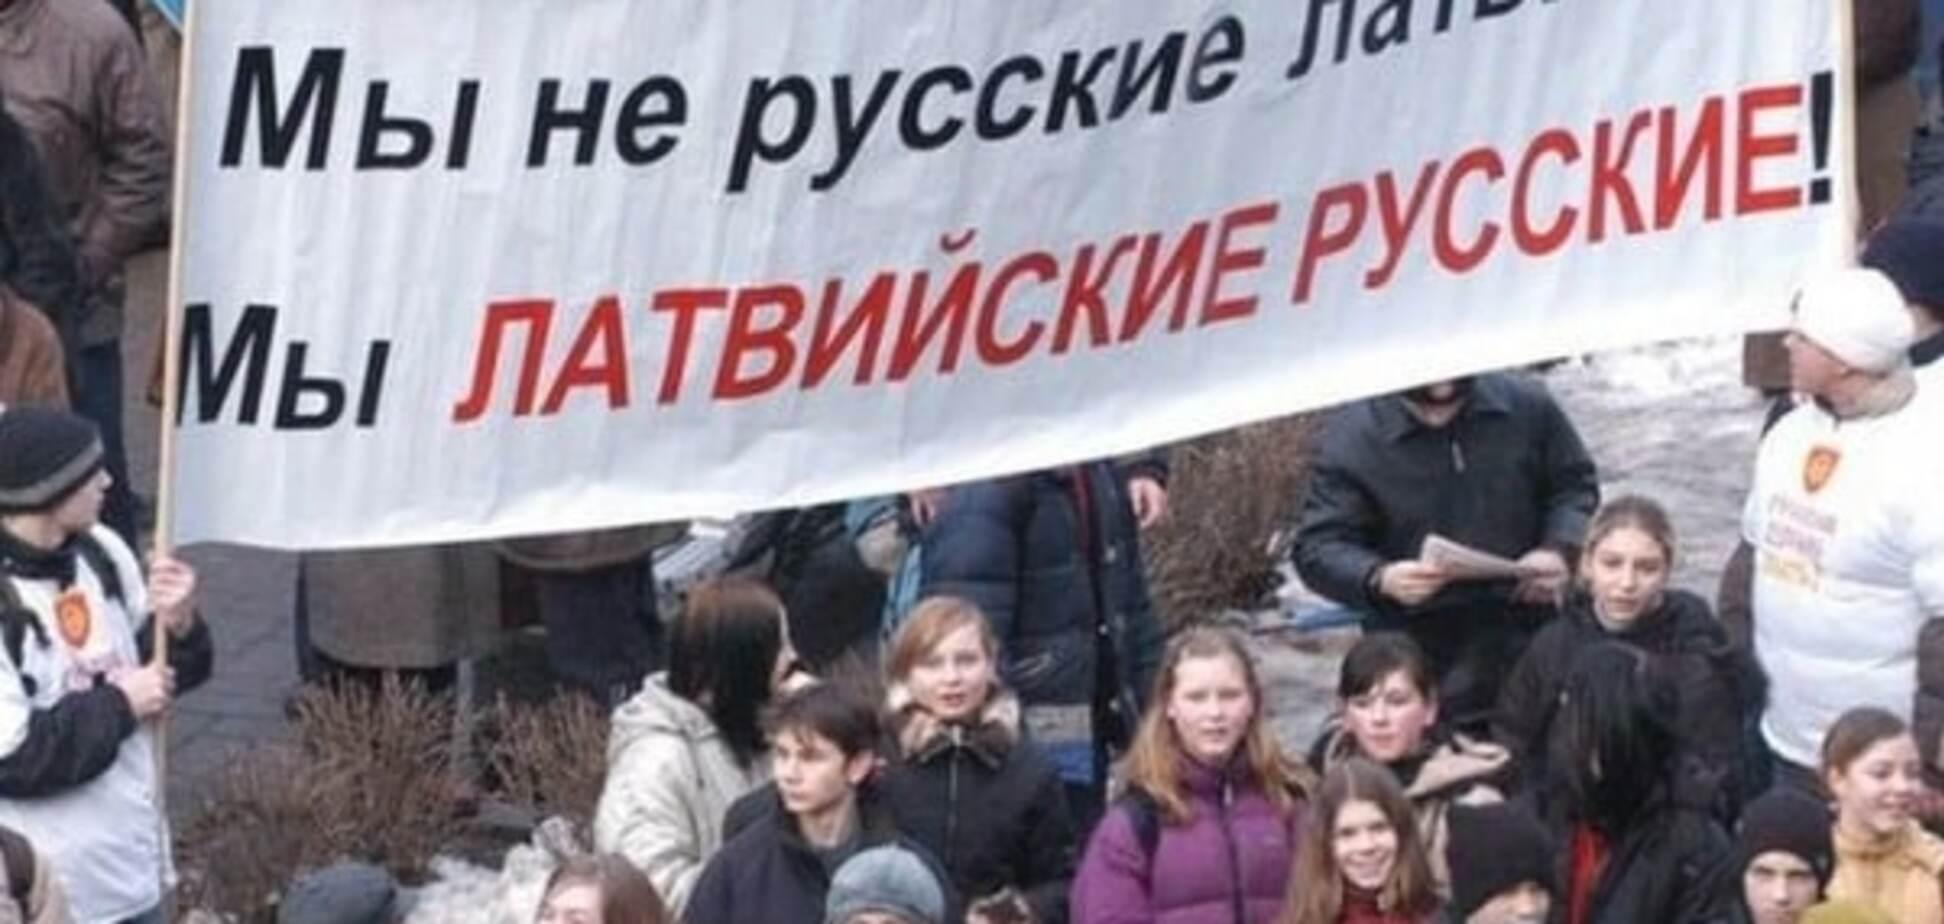 Почему латвийским русским не жаль 'понаехавших'